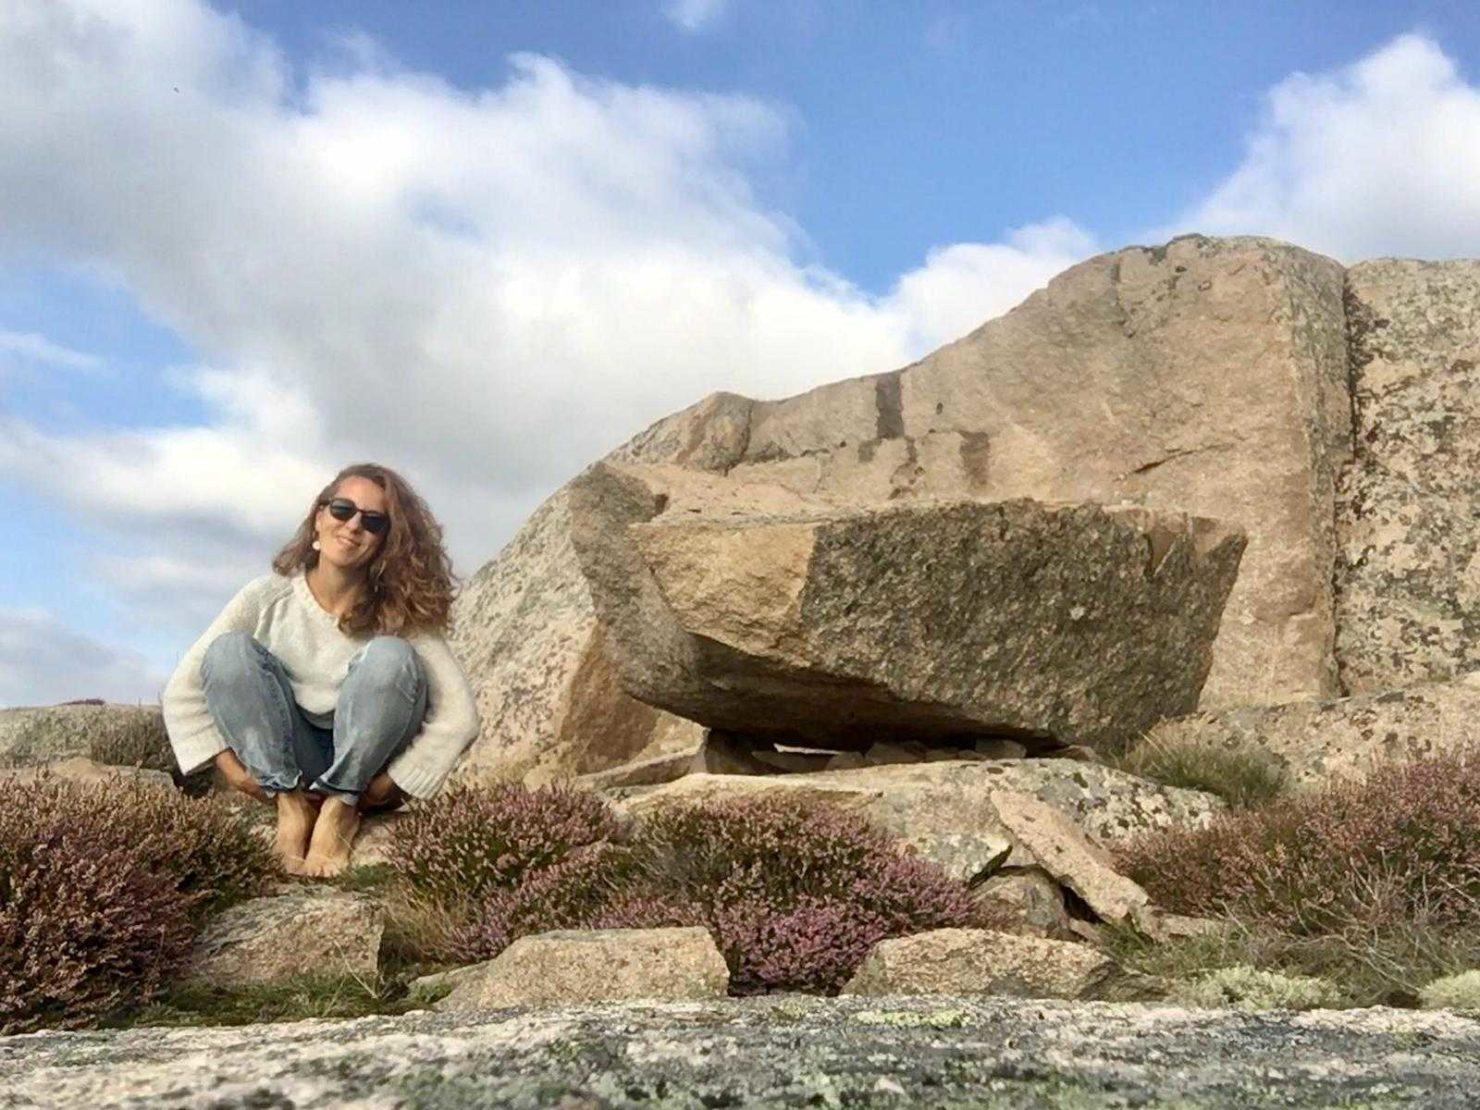 'Una donna che viaggia deve superare molti ostacoli, alcuni dentro di lei'